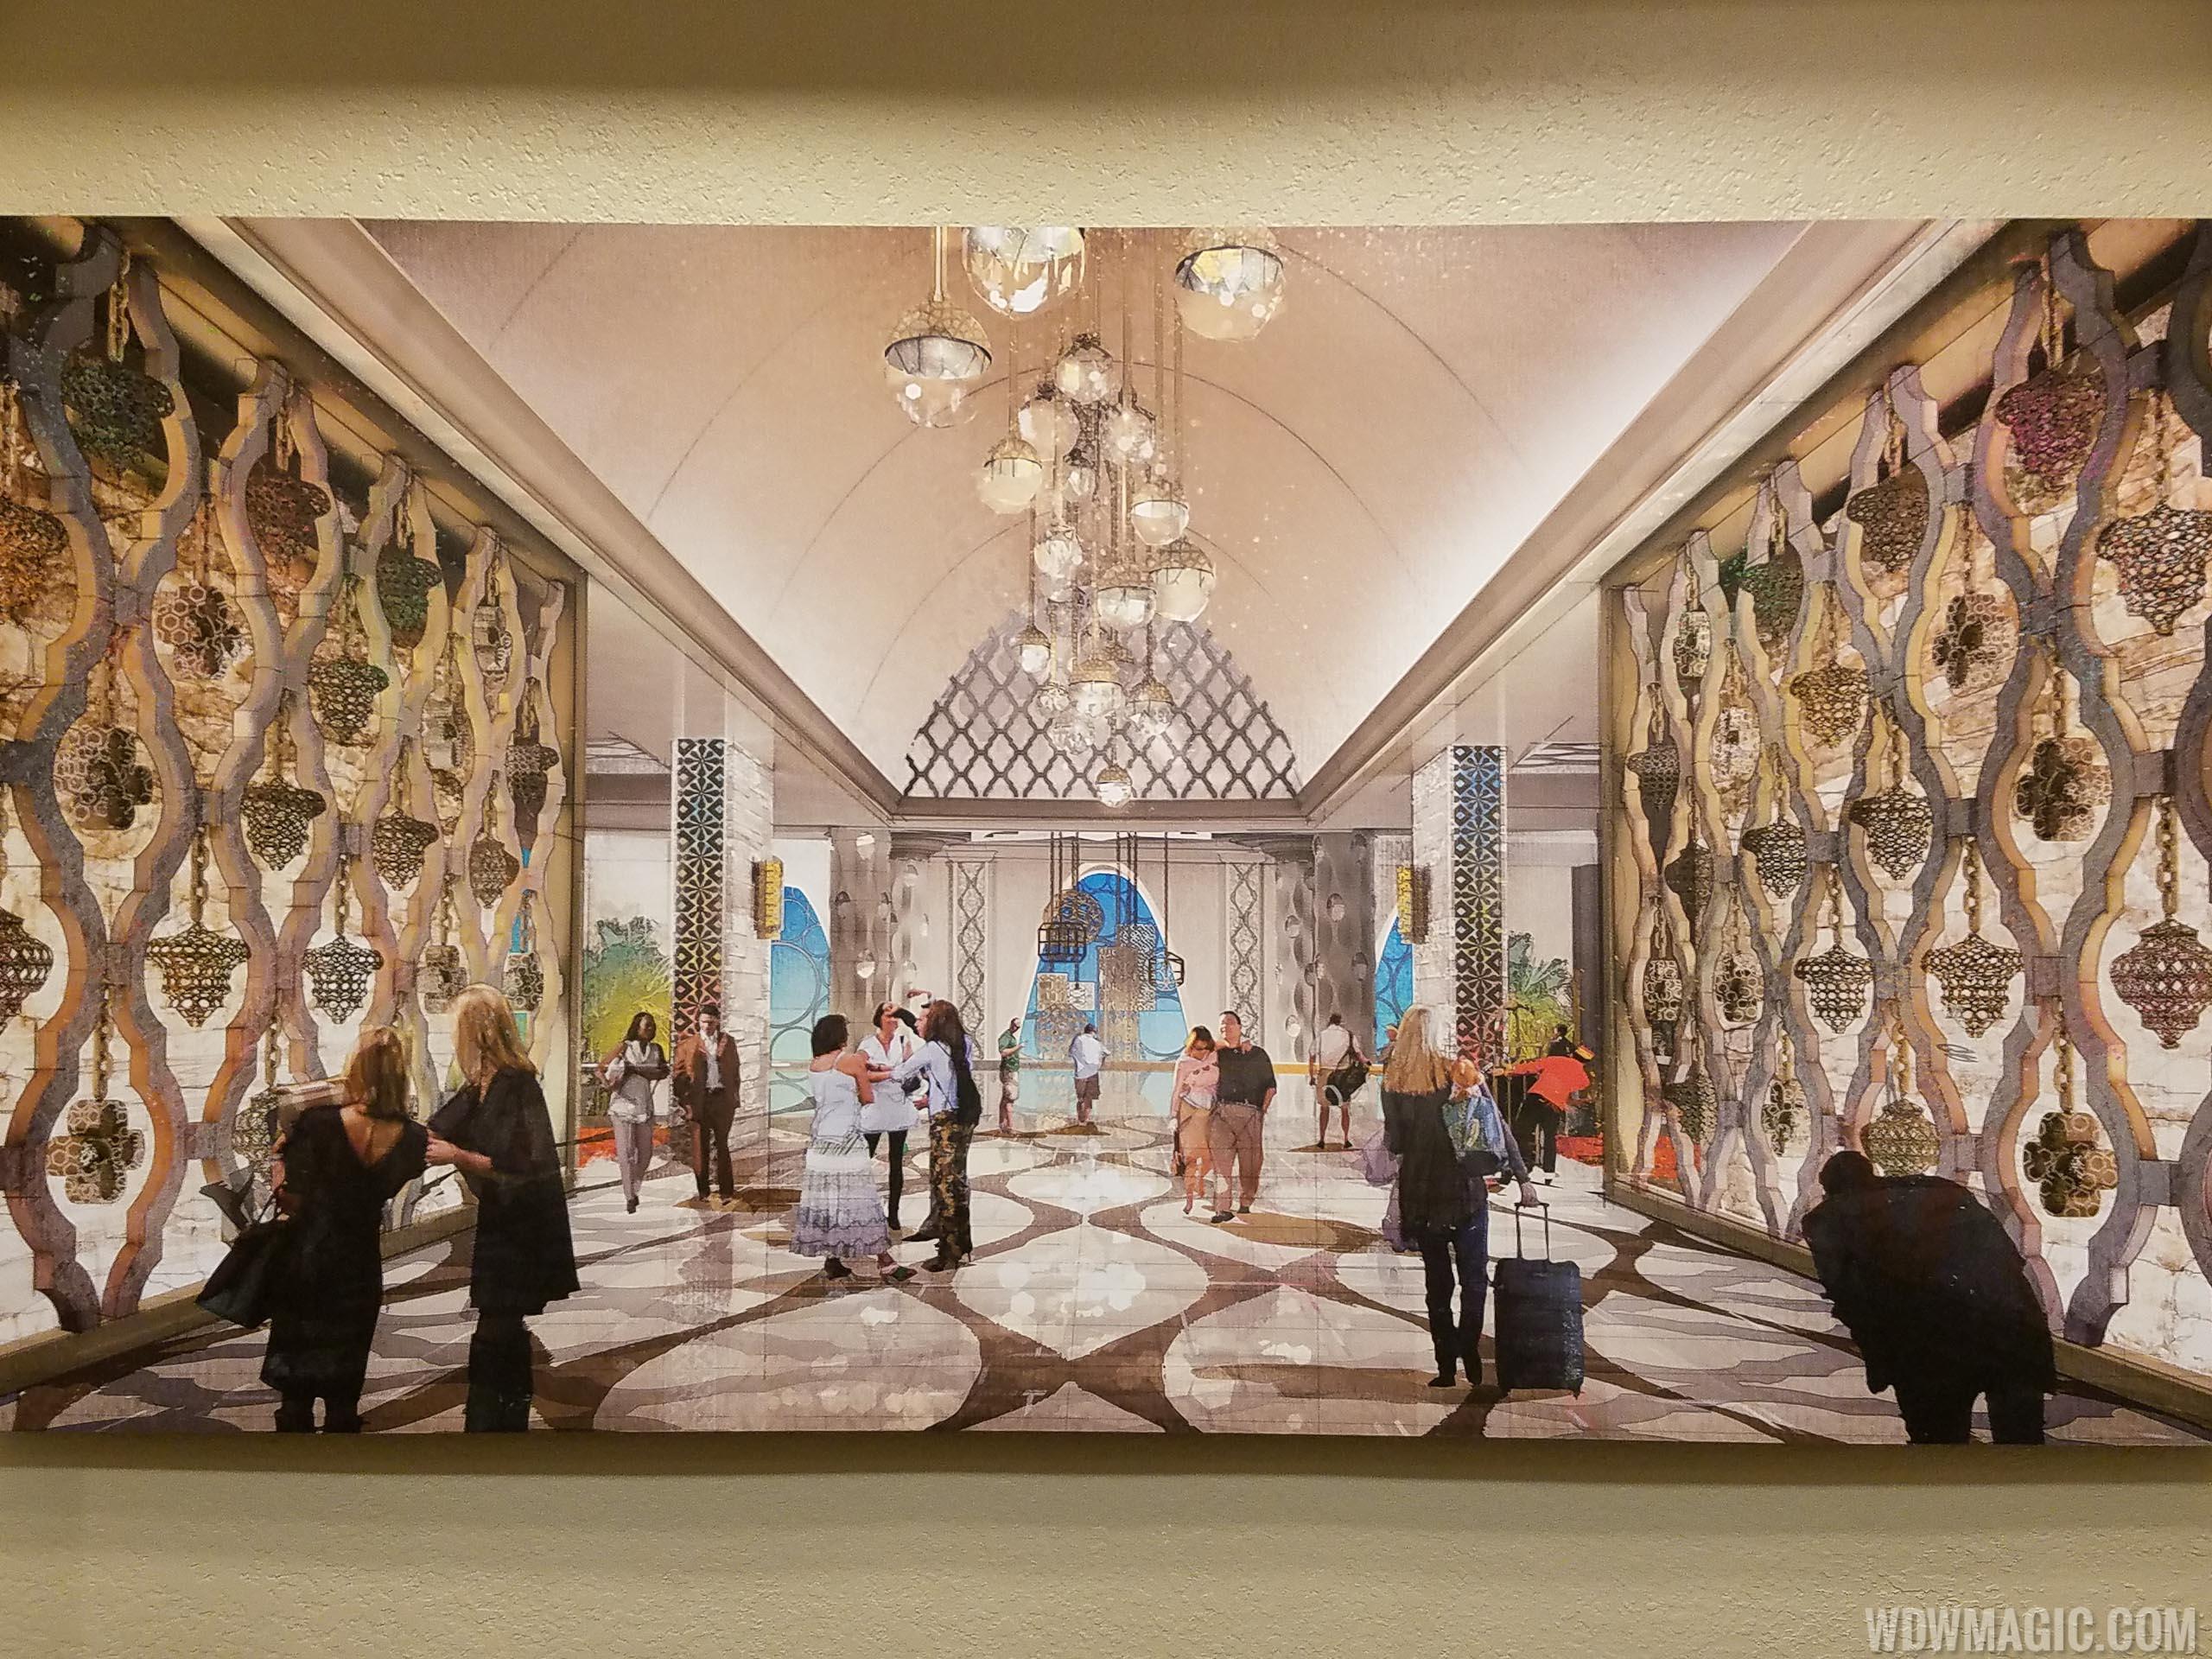 Coronado Springs Tower lobby